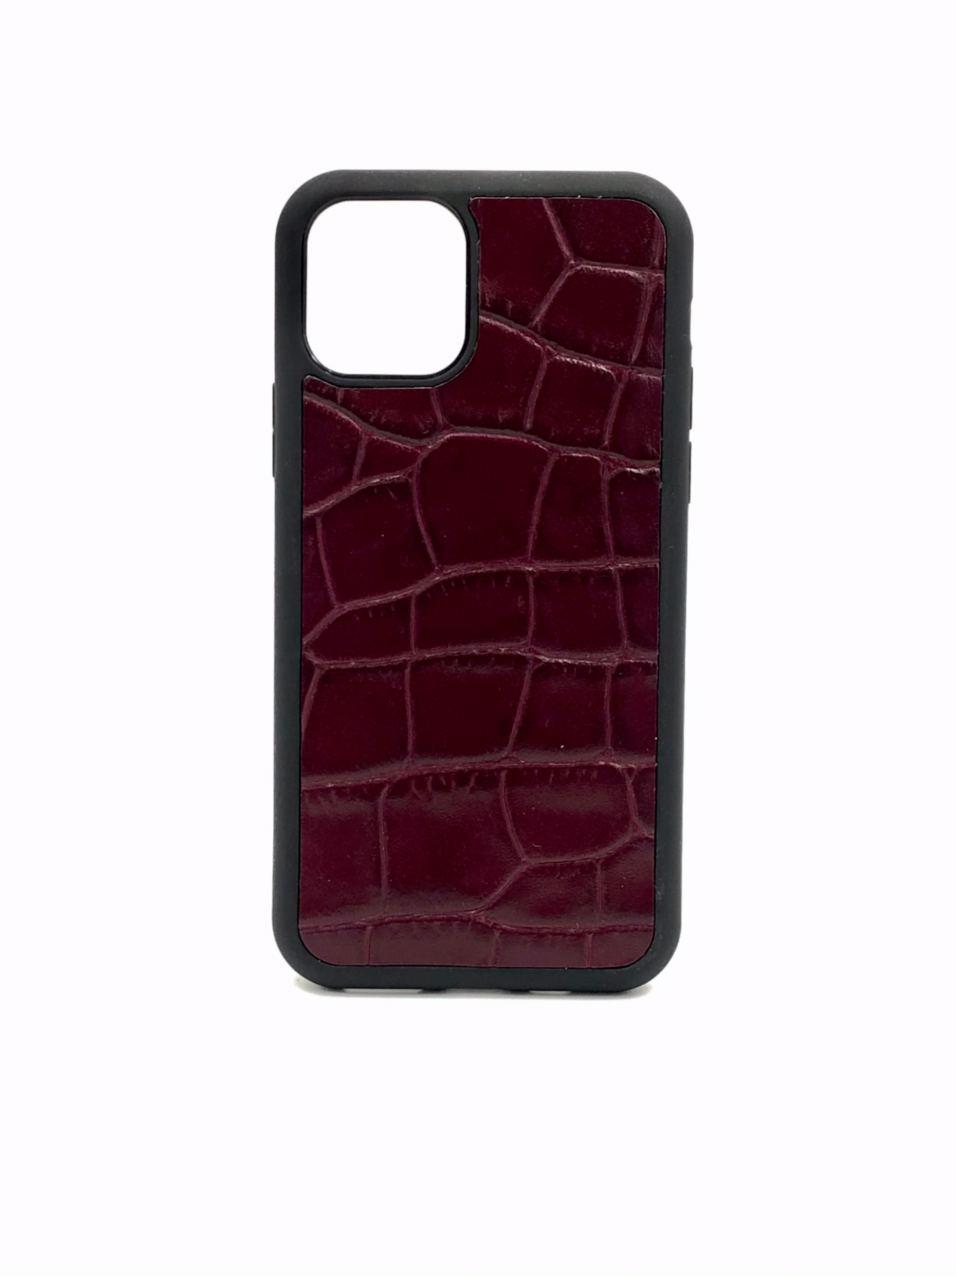 Чехол для iPhone 11 бордового цвета из Телячьей кожи тиснёной под Крокодила